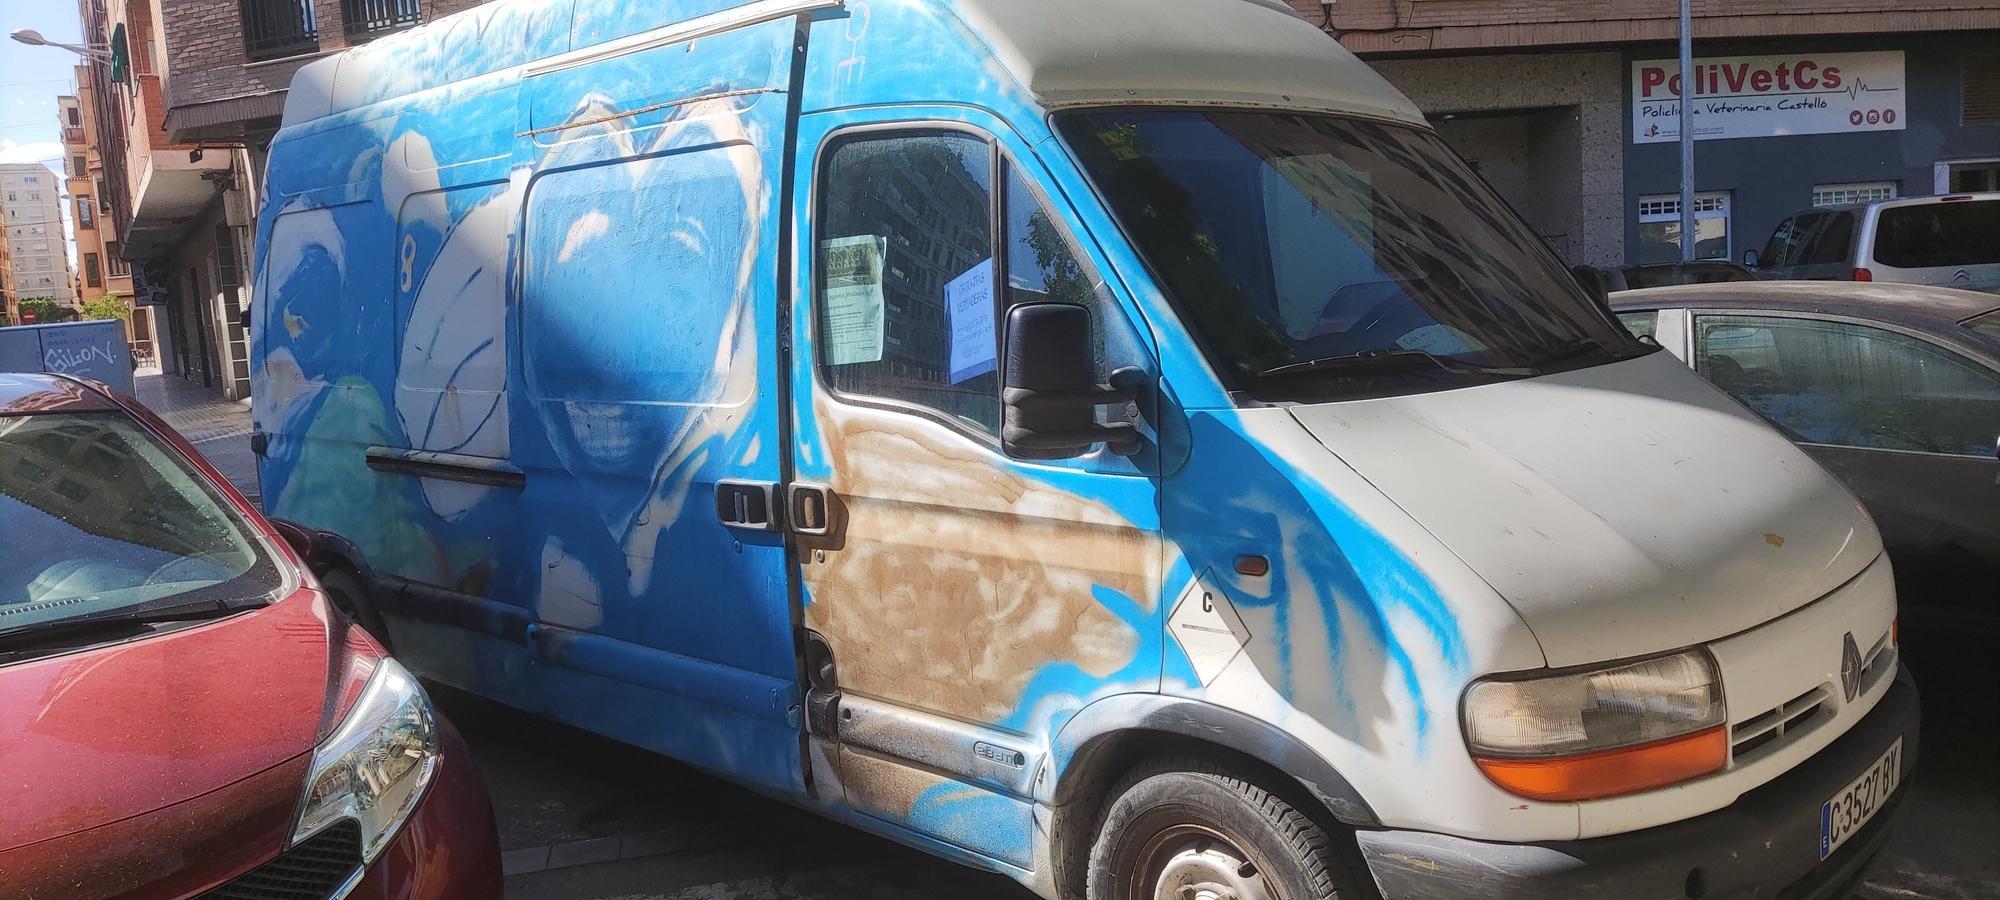 ¿Cómo es vivir en una furgoneta en Castellón?